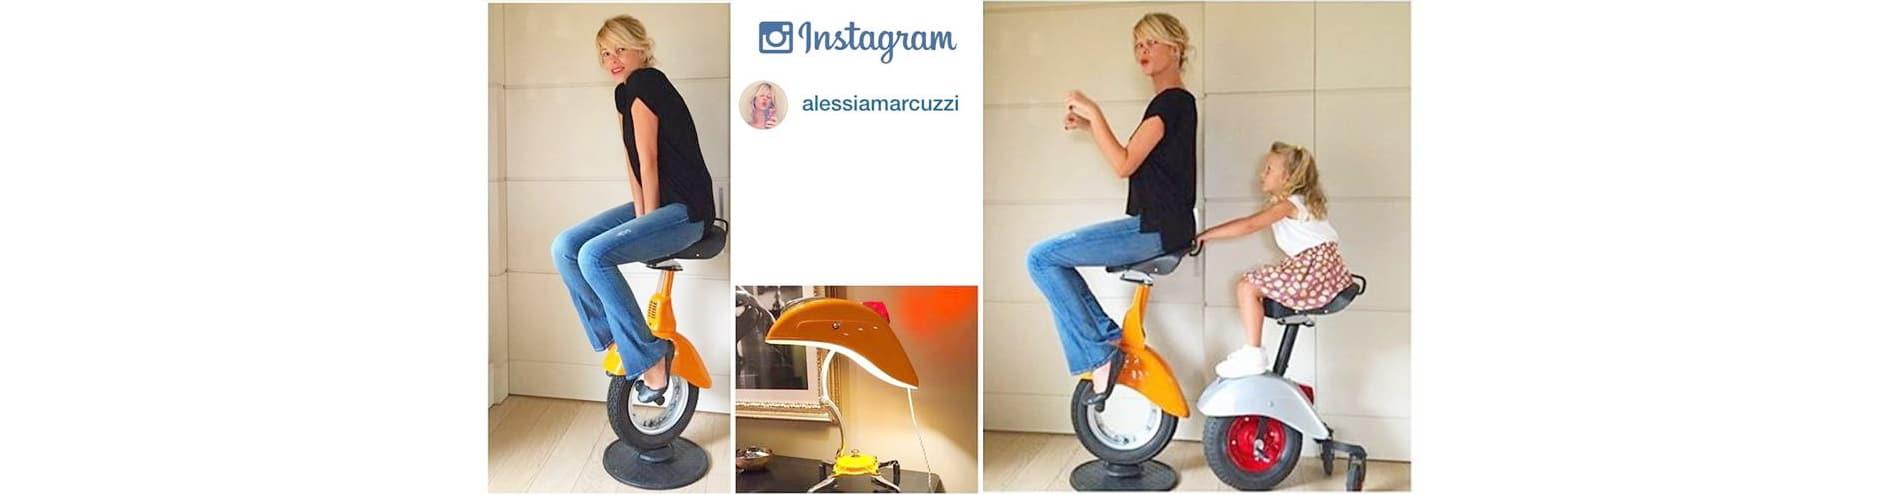 Alessia Marcuzzi vespa twist stool